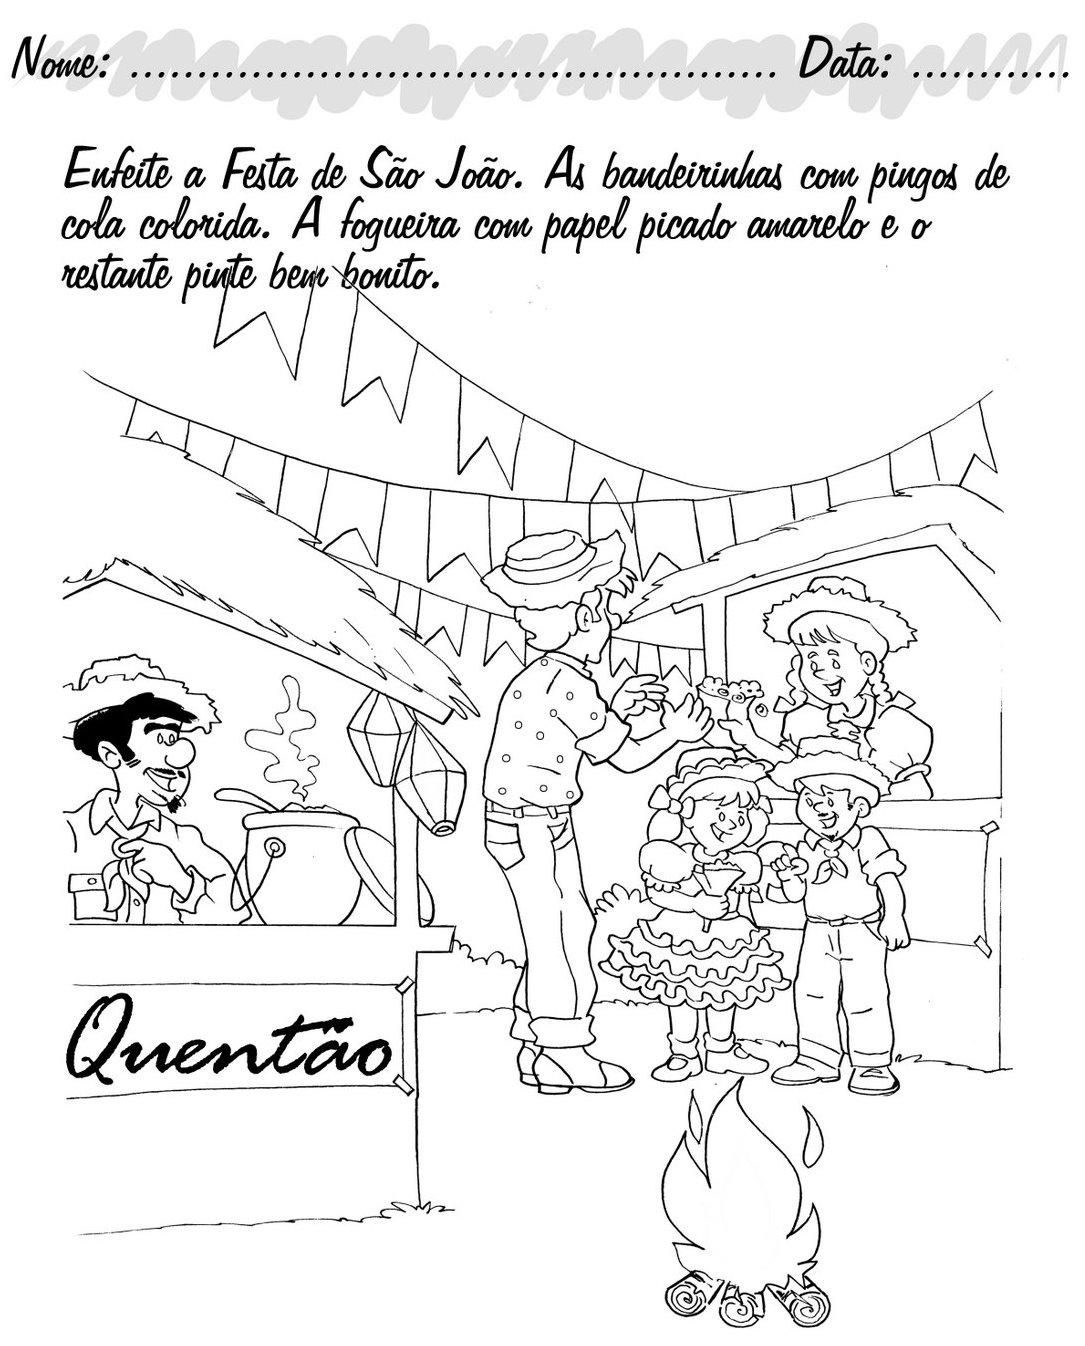 ATIVIDADES FESTA JUNINA SÃO JOÃO SANTO ANTÔNIO SÃO PEDRO